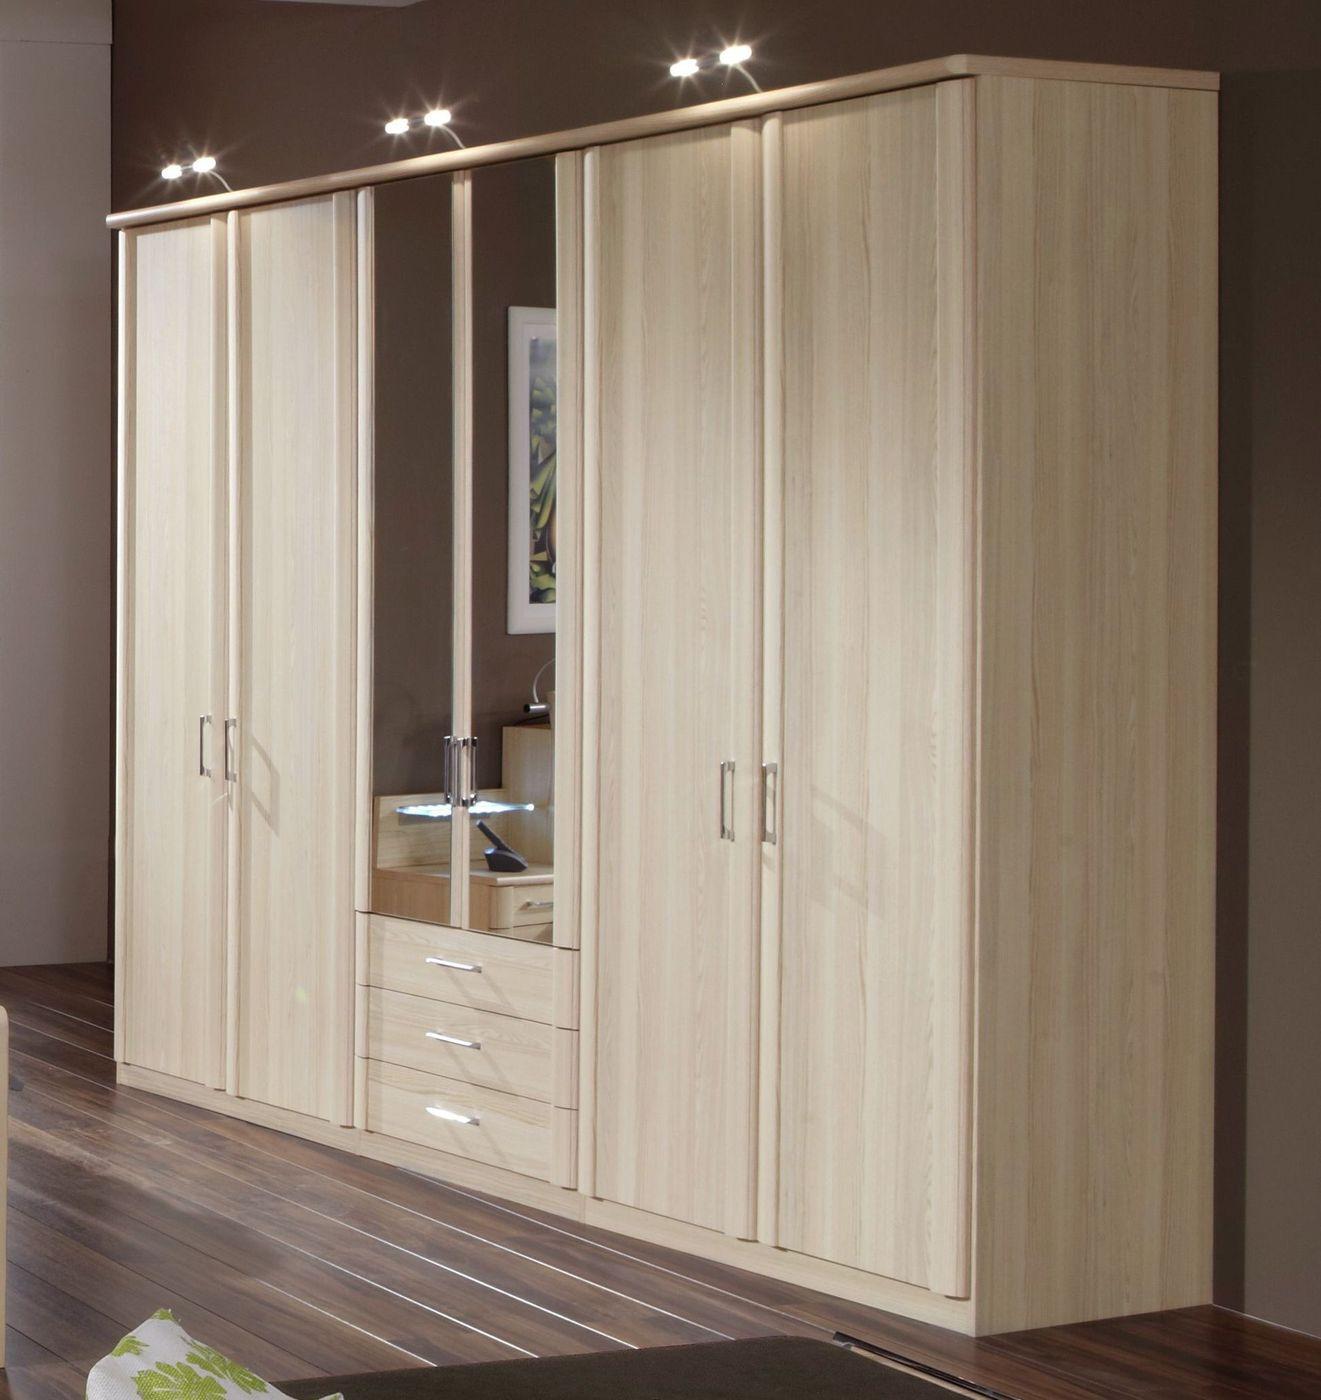 kleiderschrank mit spiegel und schubladen in esche dekor. Black Bedroom Furniture Sets. Home Design Ideas